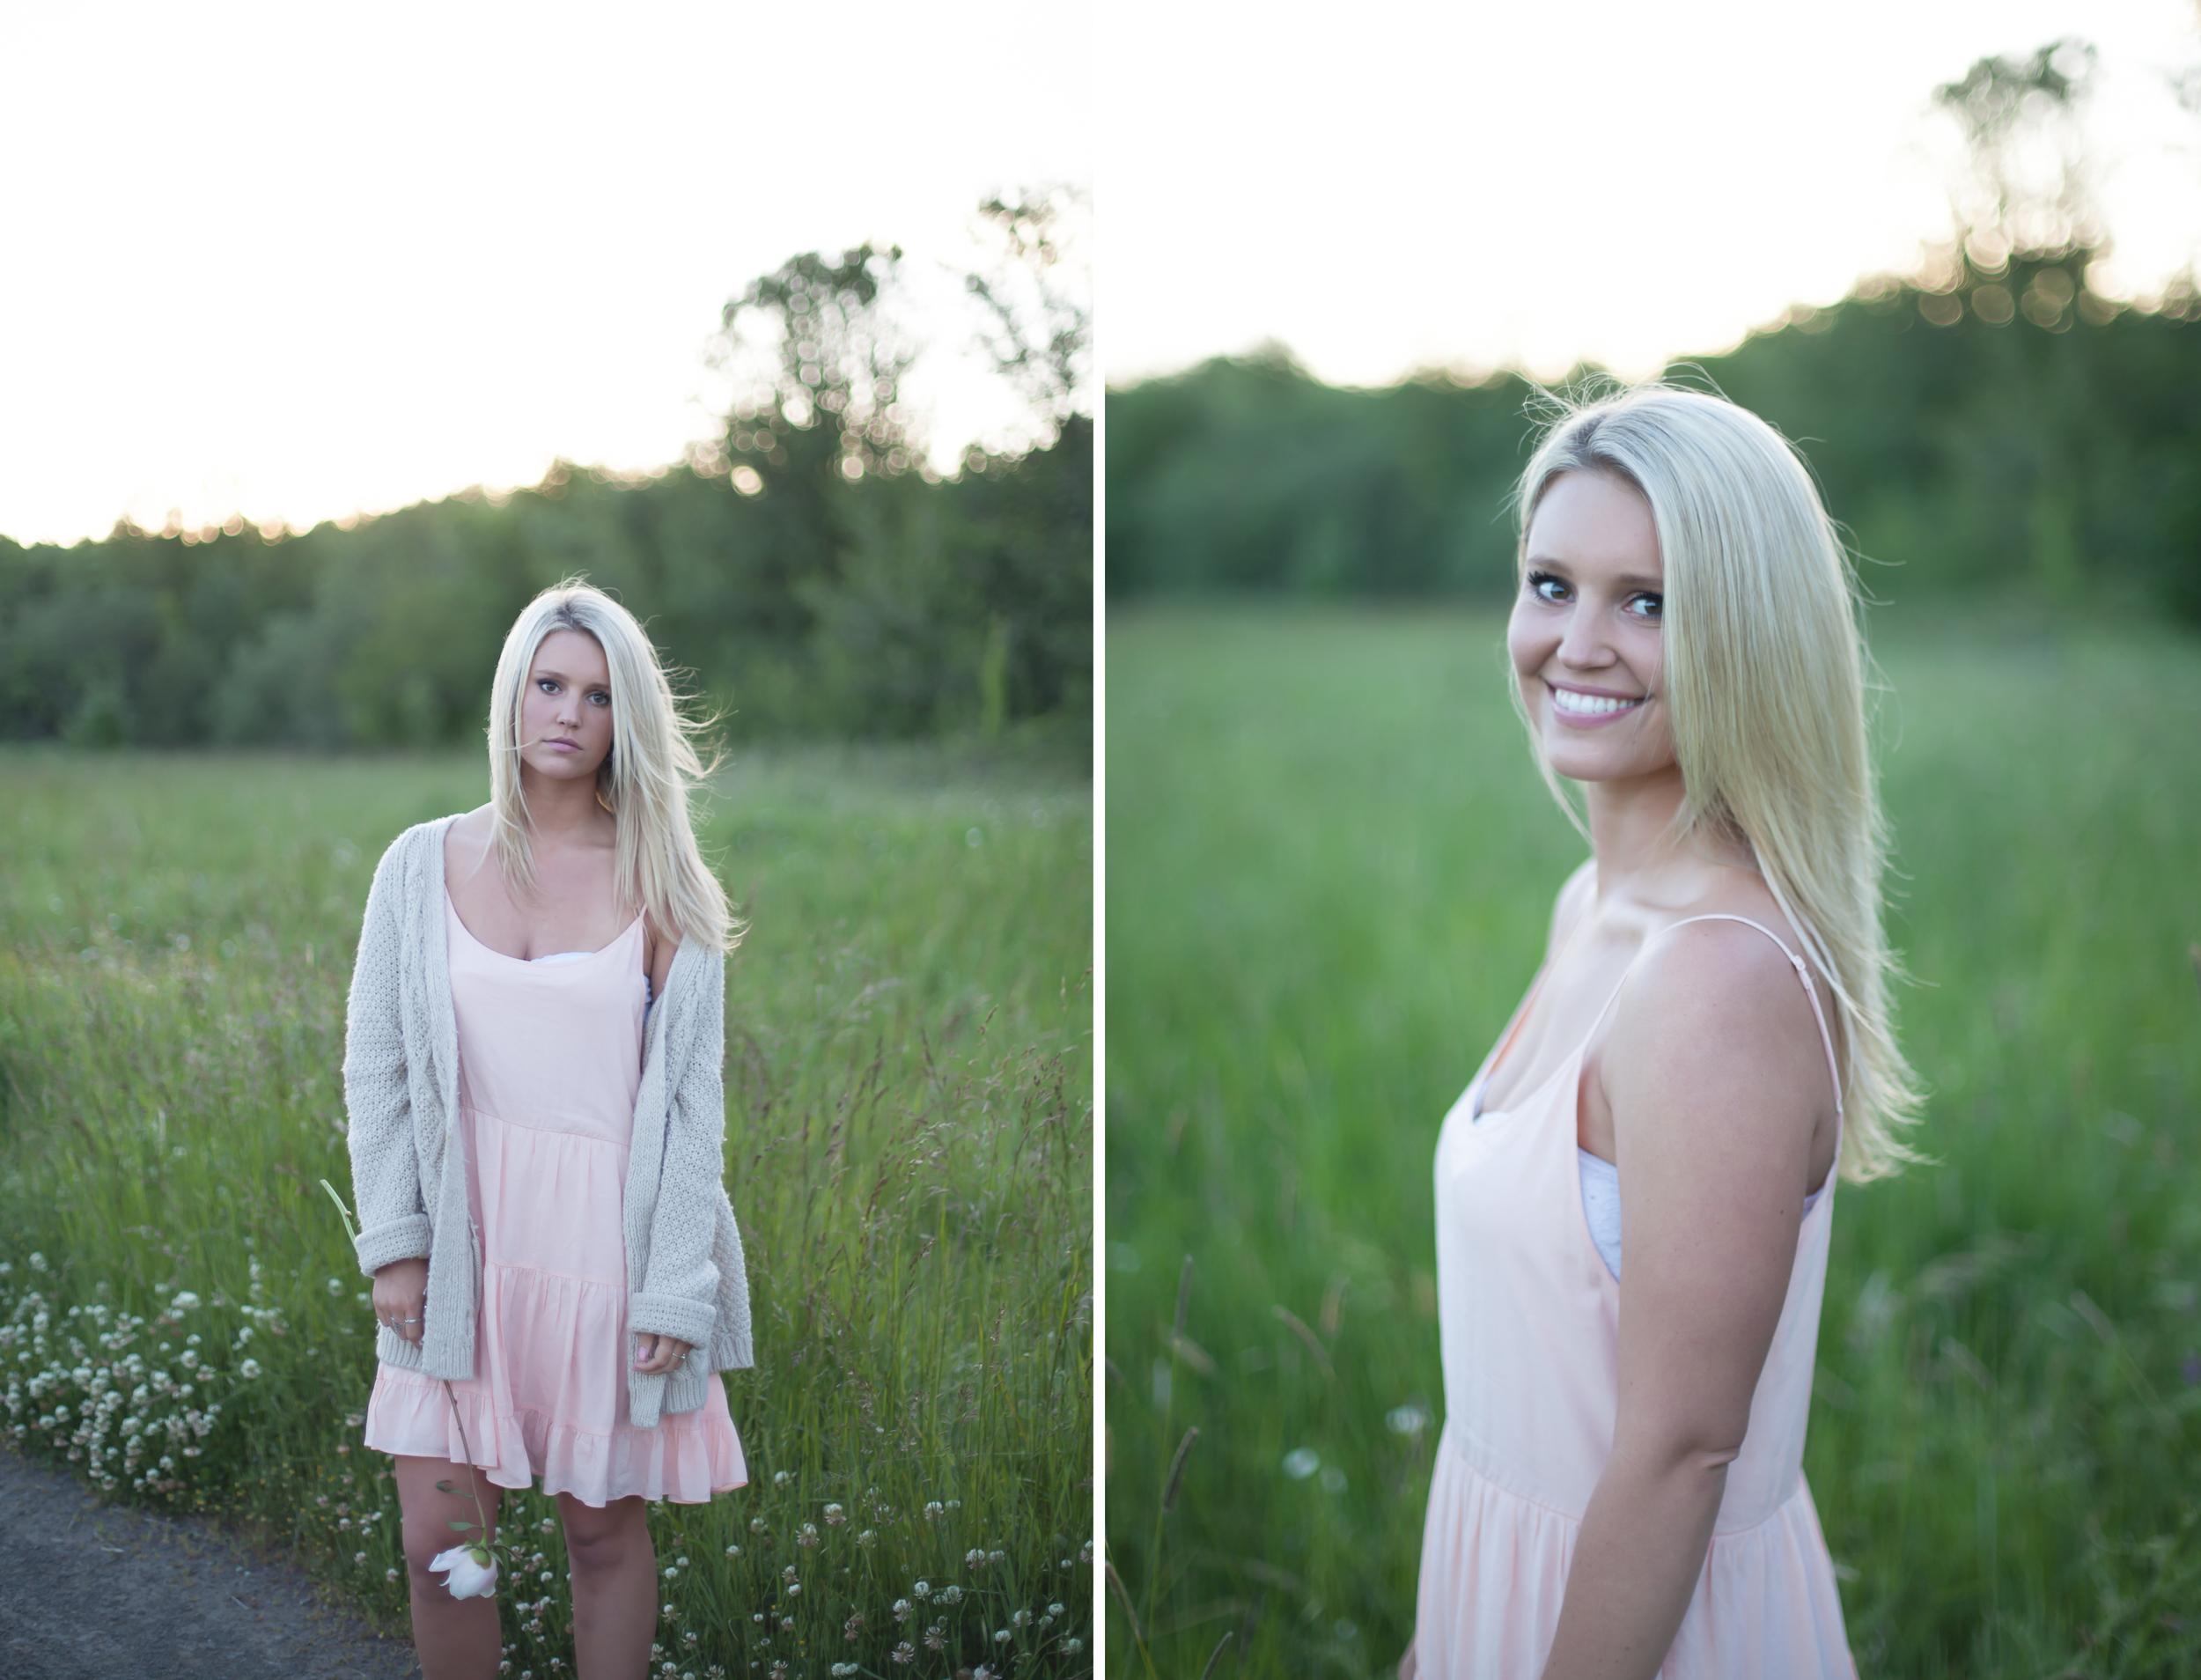 olivia_ashton_photography_kelsey6